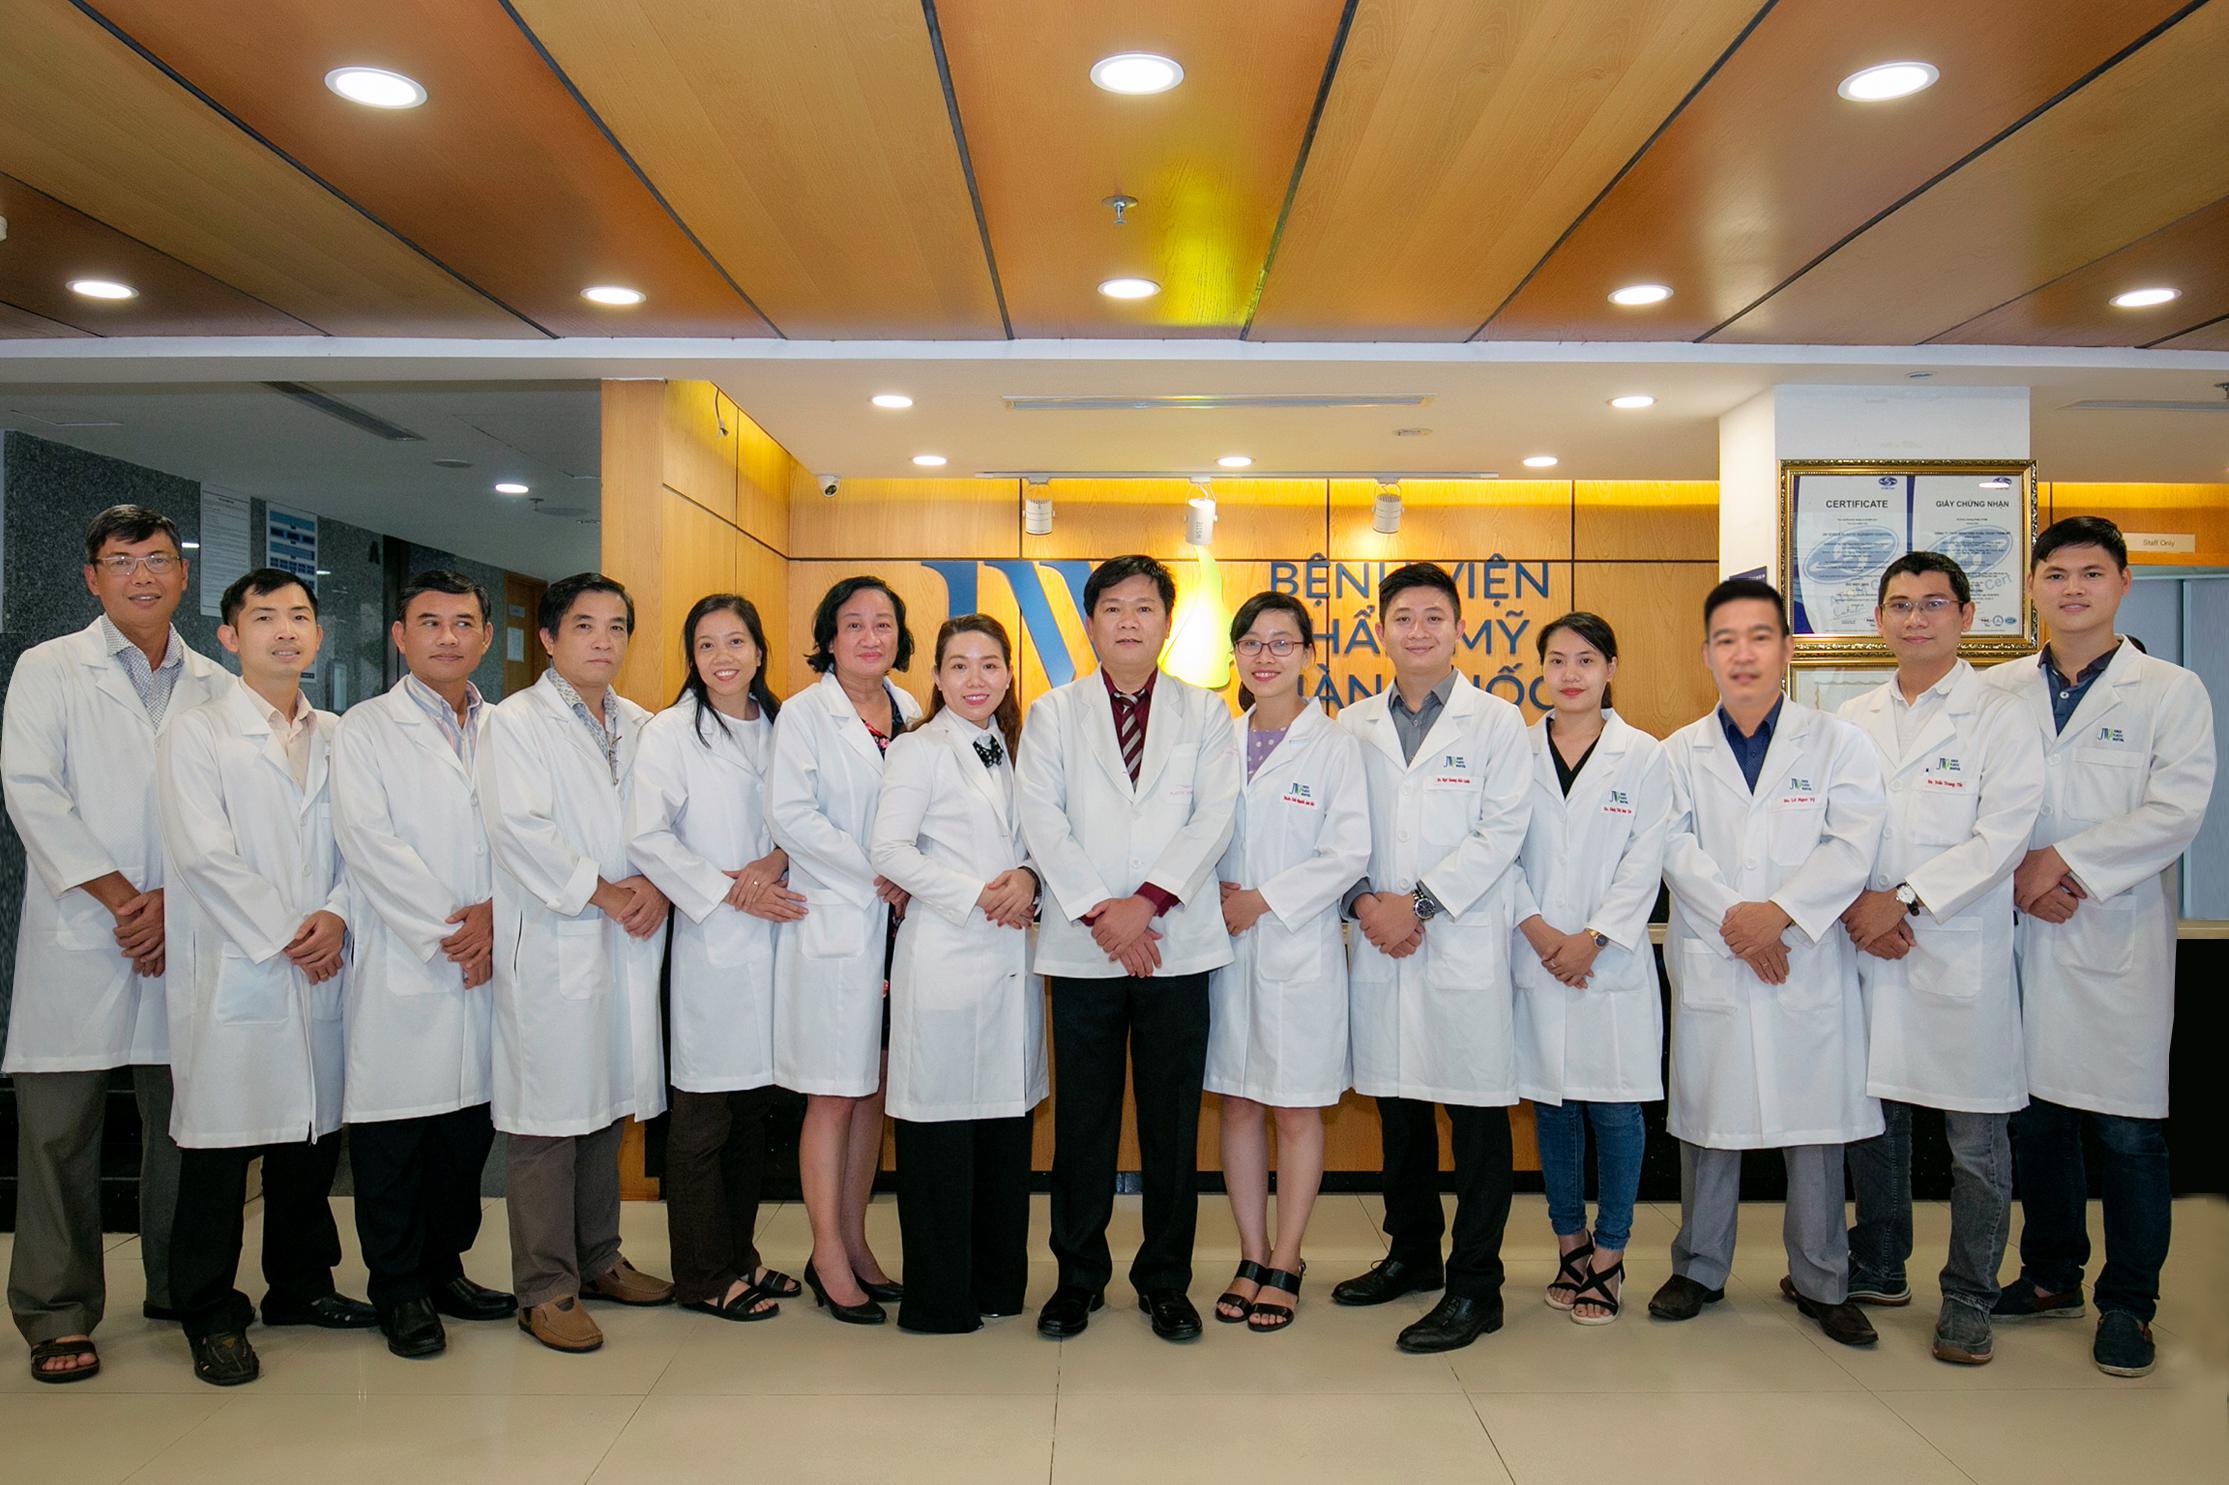 Đội ngũ bác sĩ trình độ cao tại Bệnh viện thẩm mỹ JW Hàn Quốc